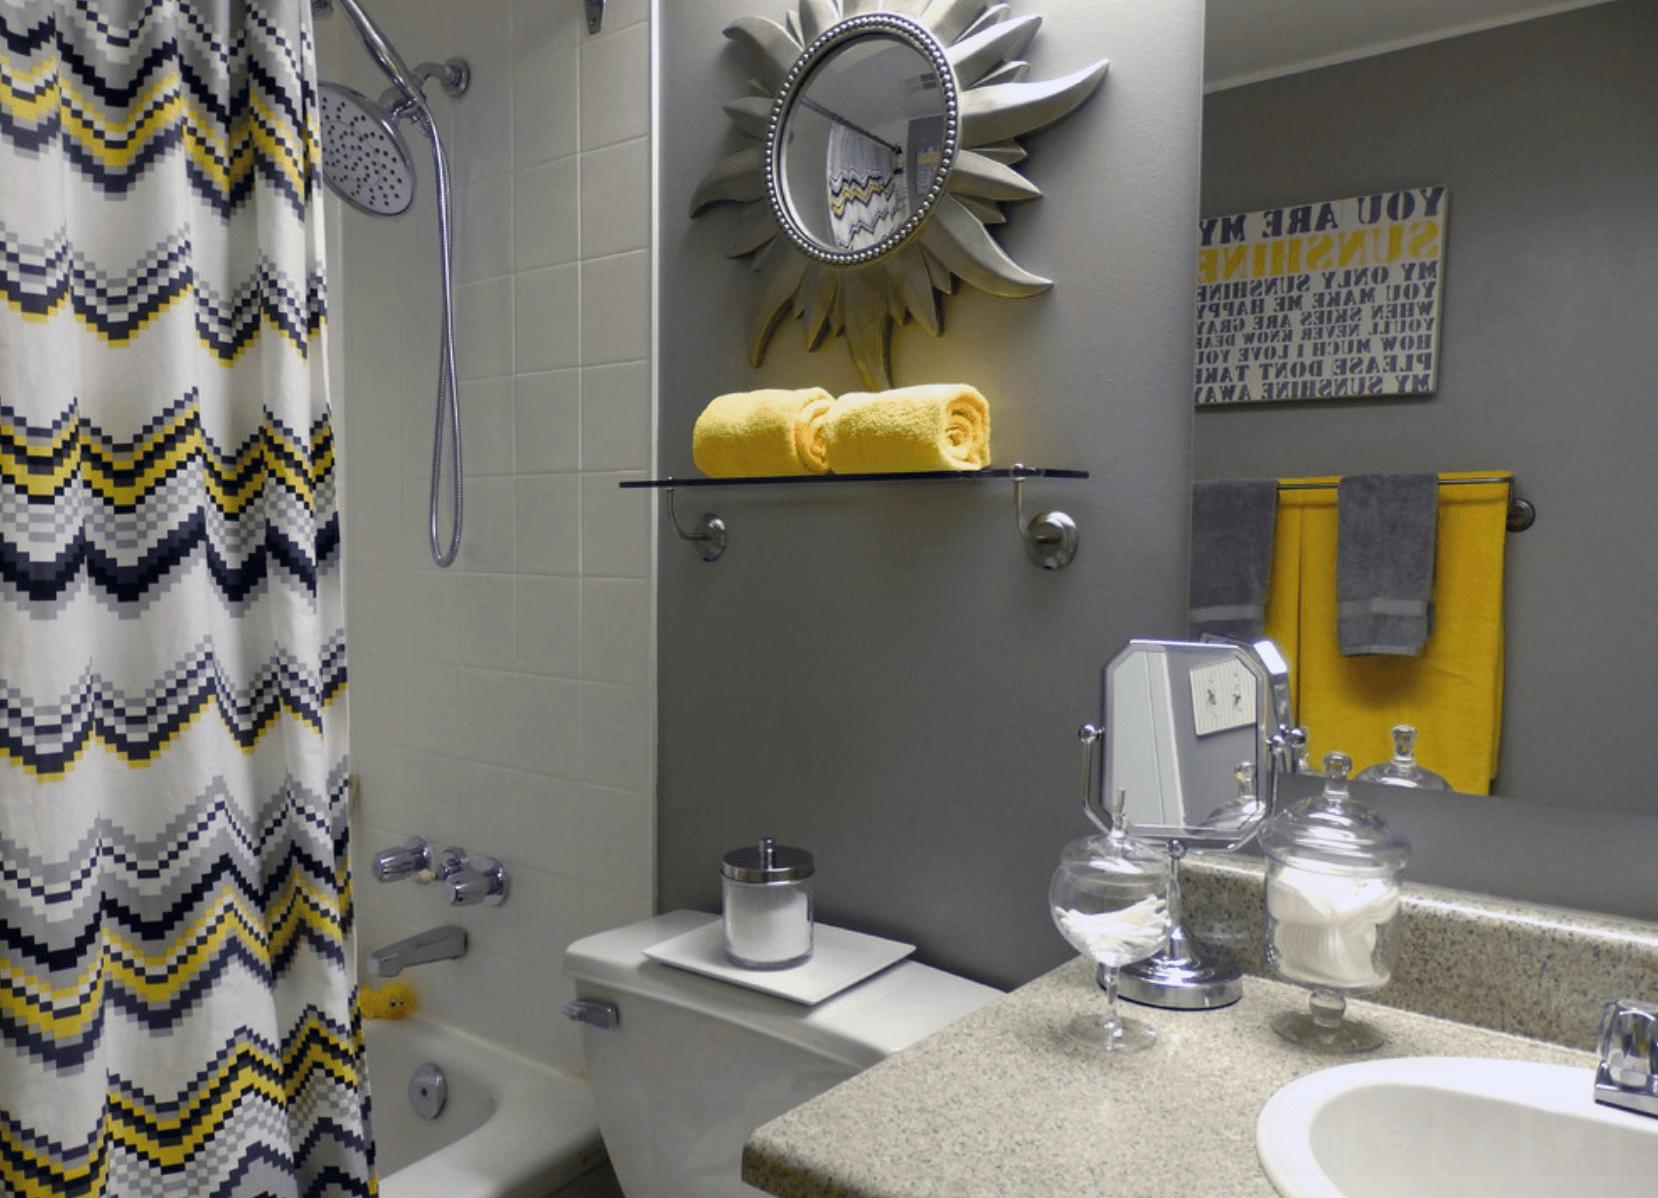 não ficam tão visíveis dando mais unidade ao piso e as paredes #A1872A 1658x1198 Banheiro Cimento Queimado E Pastilhas